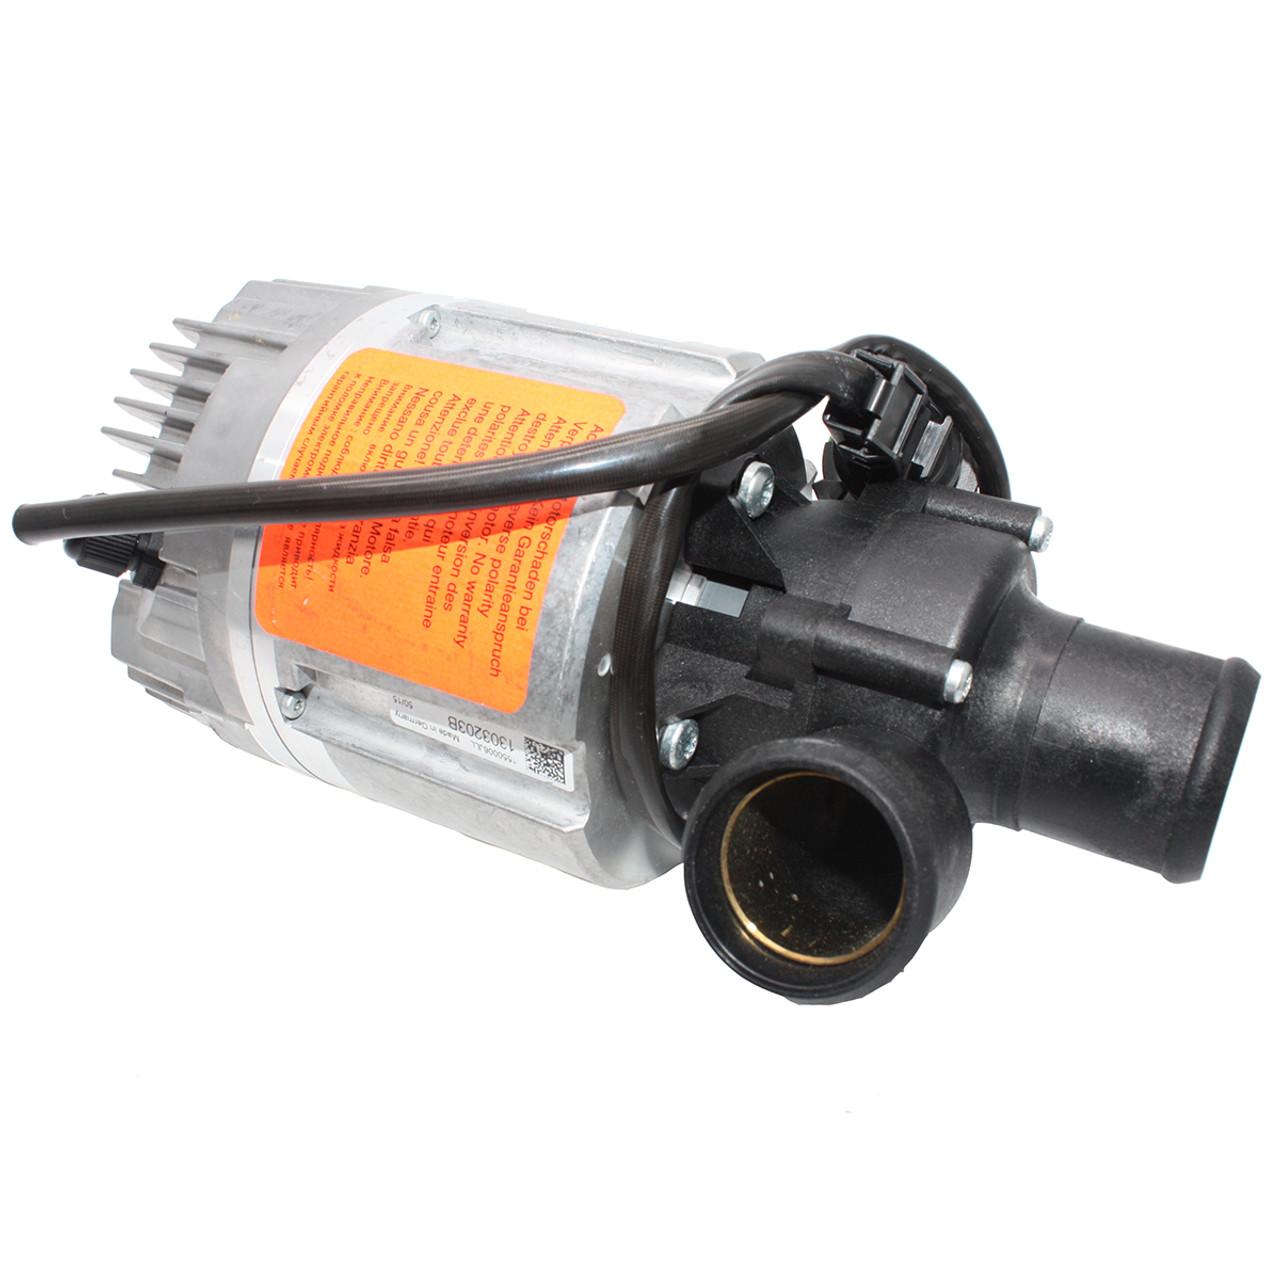 Webasto / Spheros Water Circulation Pump U4855.08 24V on